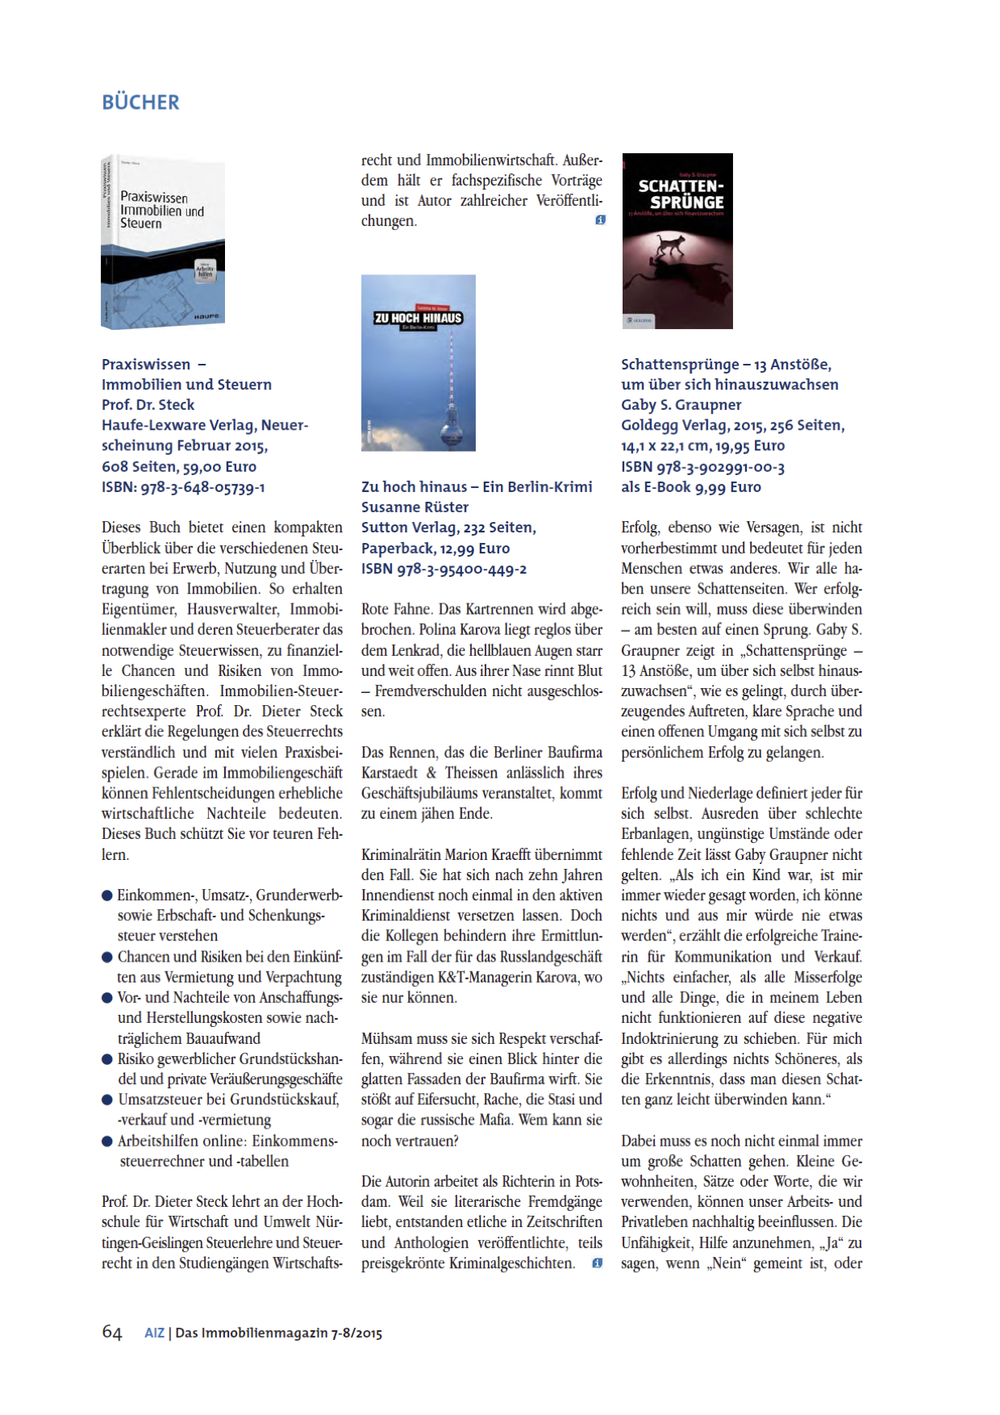 AIZ - Das Immobilienmagazin 07-08/2015